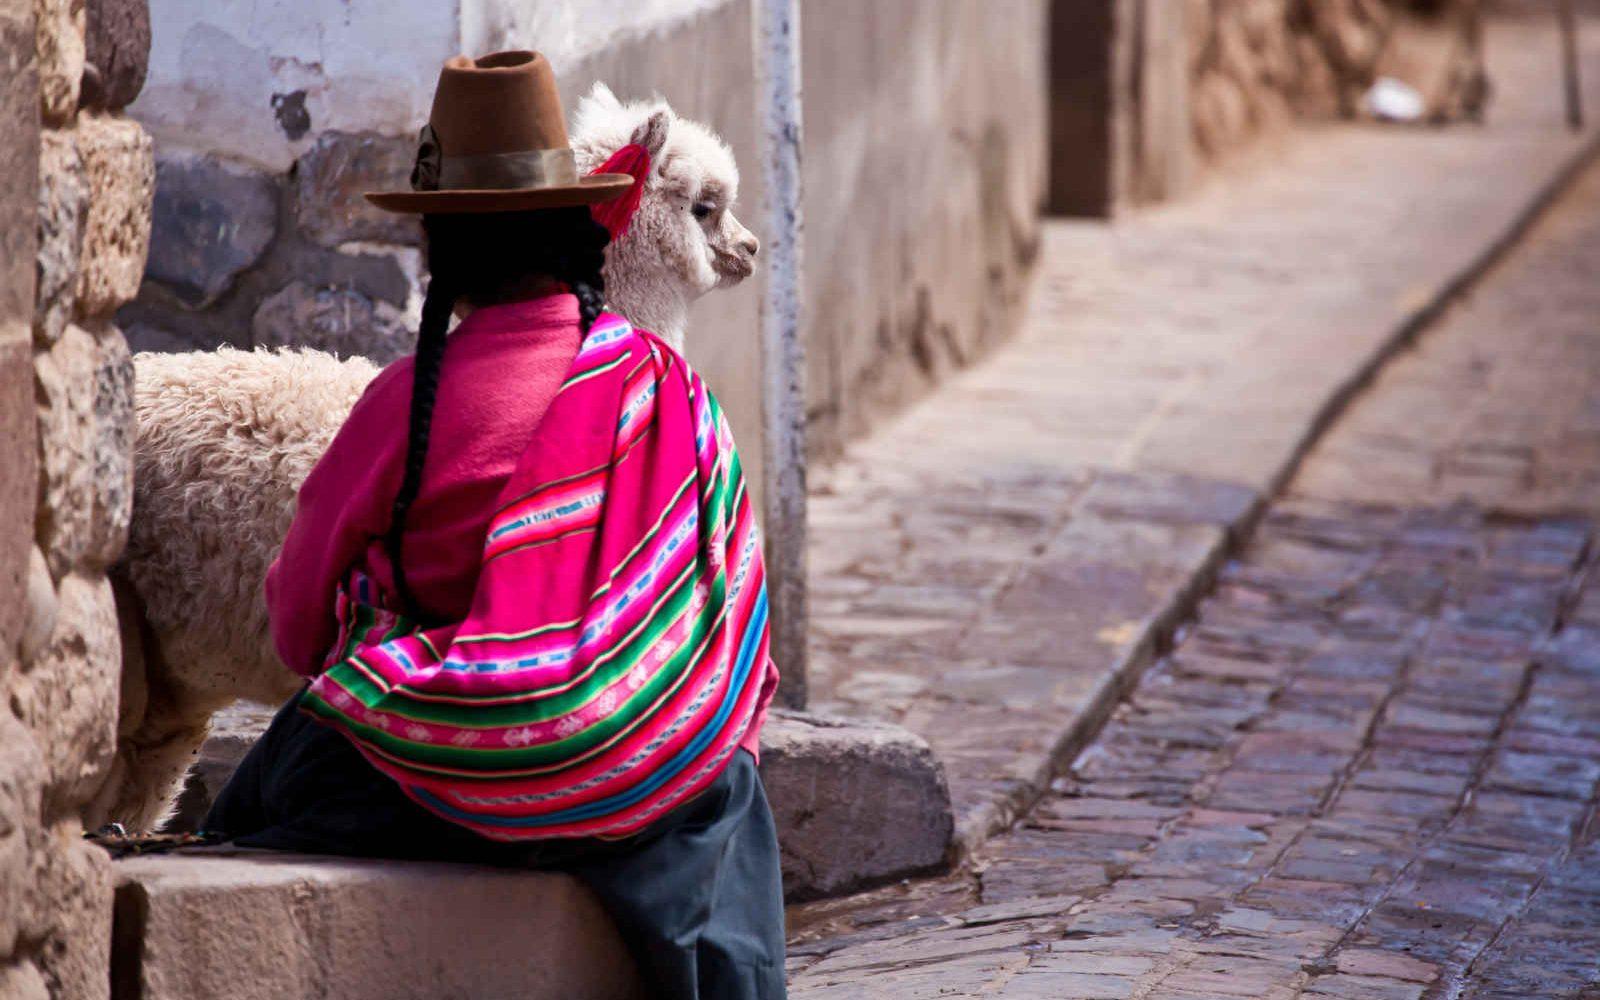 Femme et lama dans une ruelle de Cuzco, Pérou